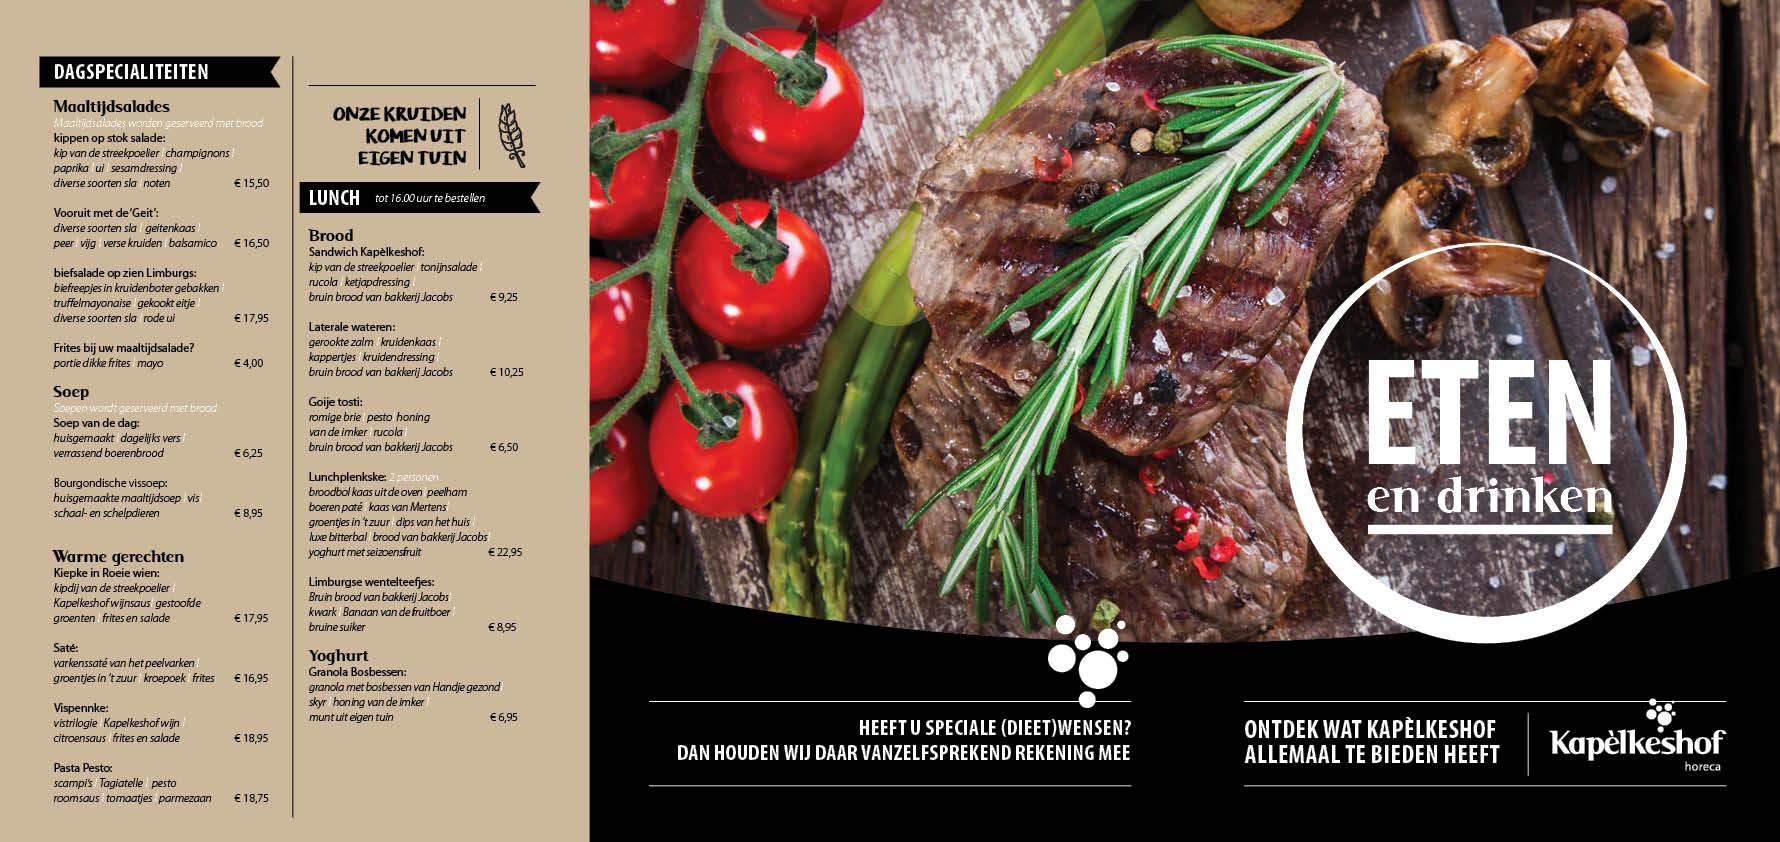 Kapelkeshof_menu_drieluik_2021 628x297